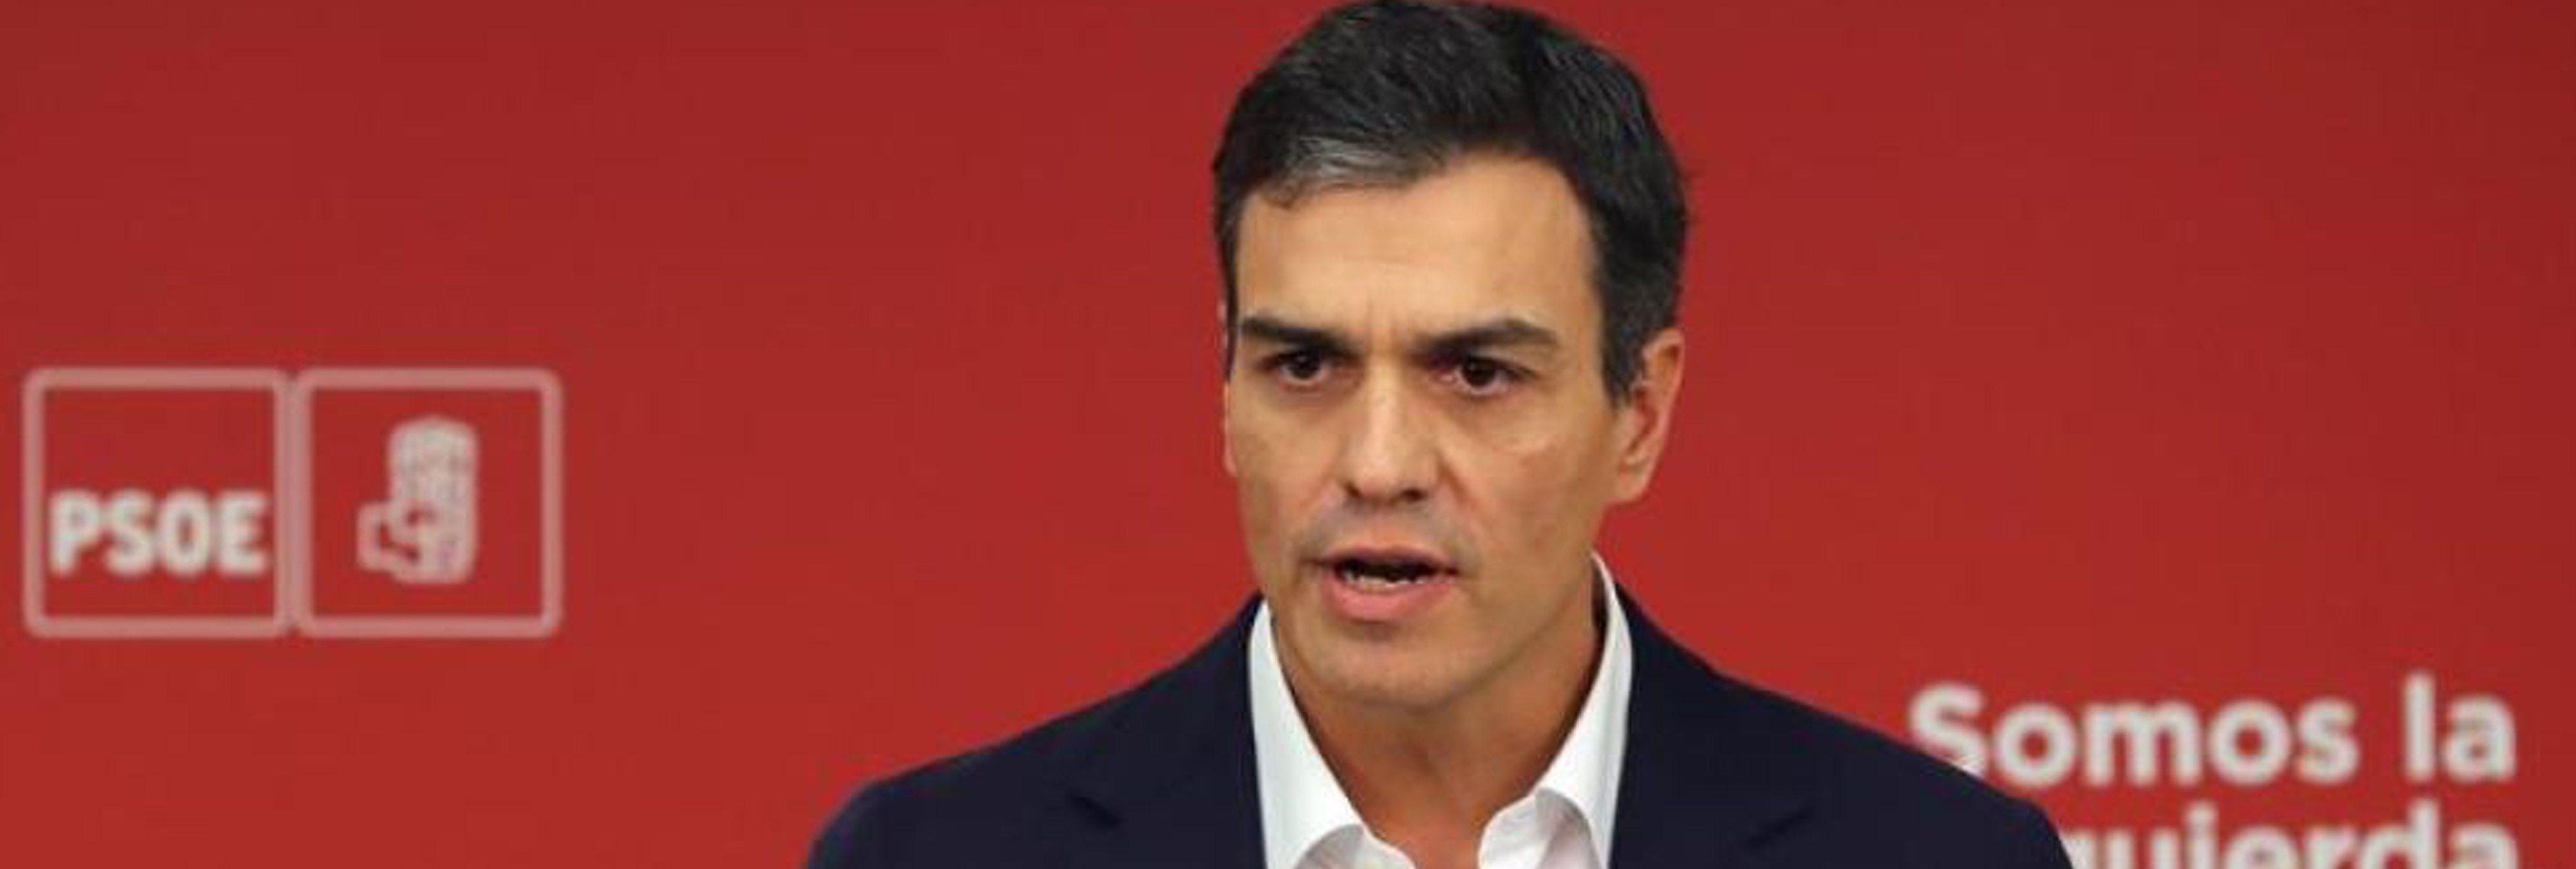 La renta básica no se aprobó porque 5 diputados del PSOE no fueron al Congreso y otro se equivocó